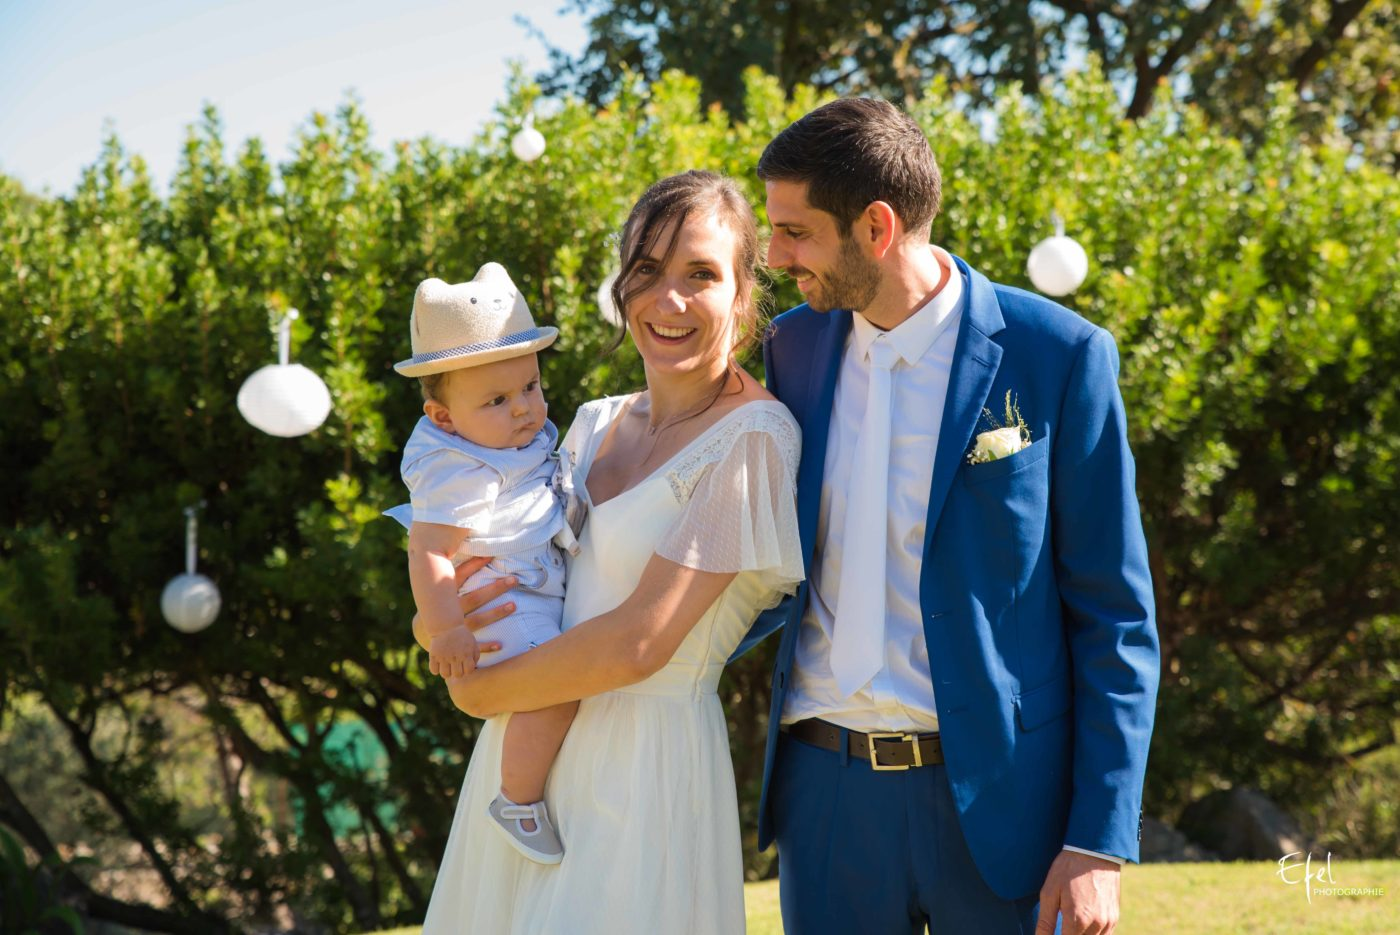 séance photo des mariés et leur bébé au moment du vin d'honneur - mariage gap - mariage hautes alpes - mariage alpes-maritimes